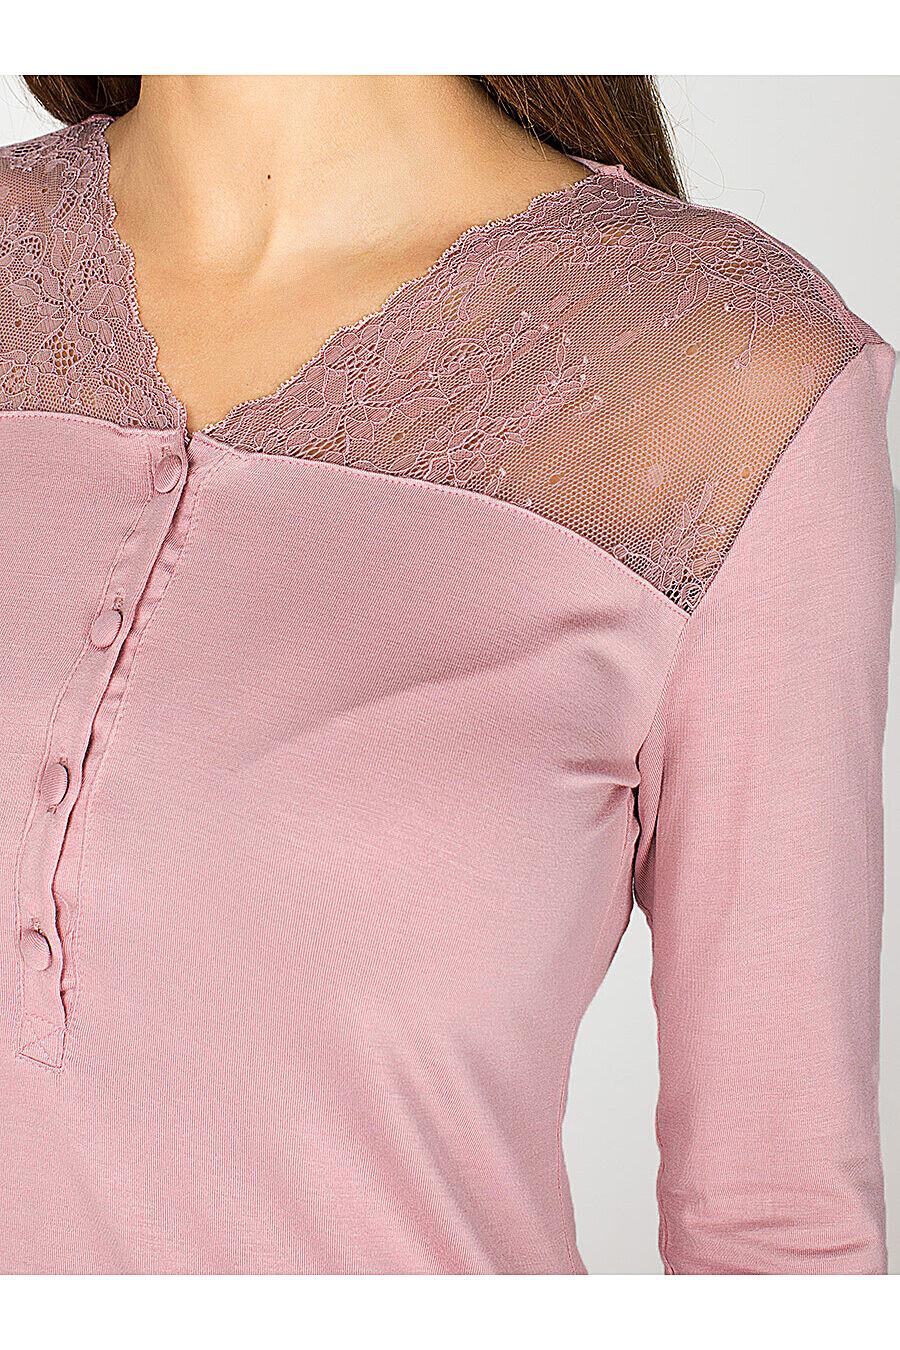 Комплект (лонгслив+брюки) для женщин PE.CHITTO 169429 купить оптом от производителя. Совместная покупка женской одежды в OptMoyo